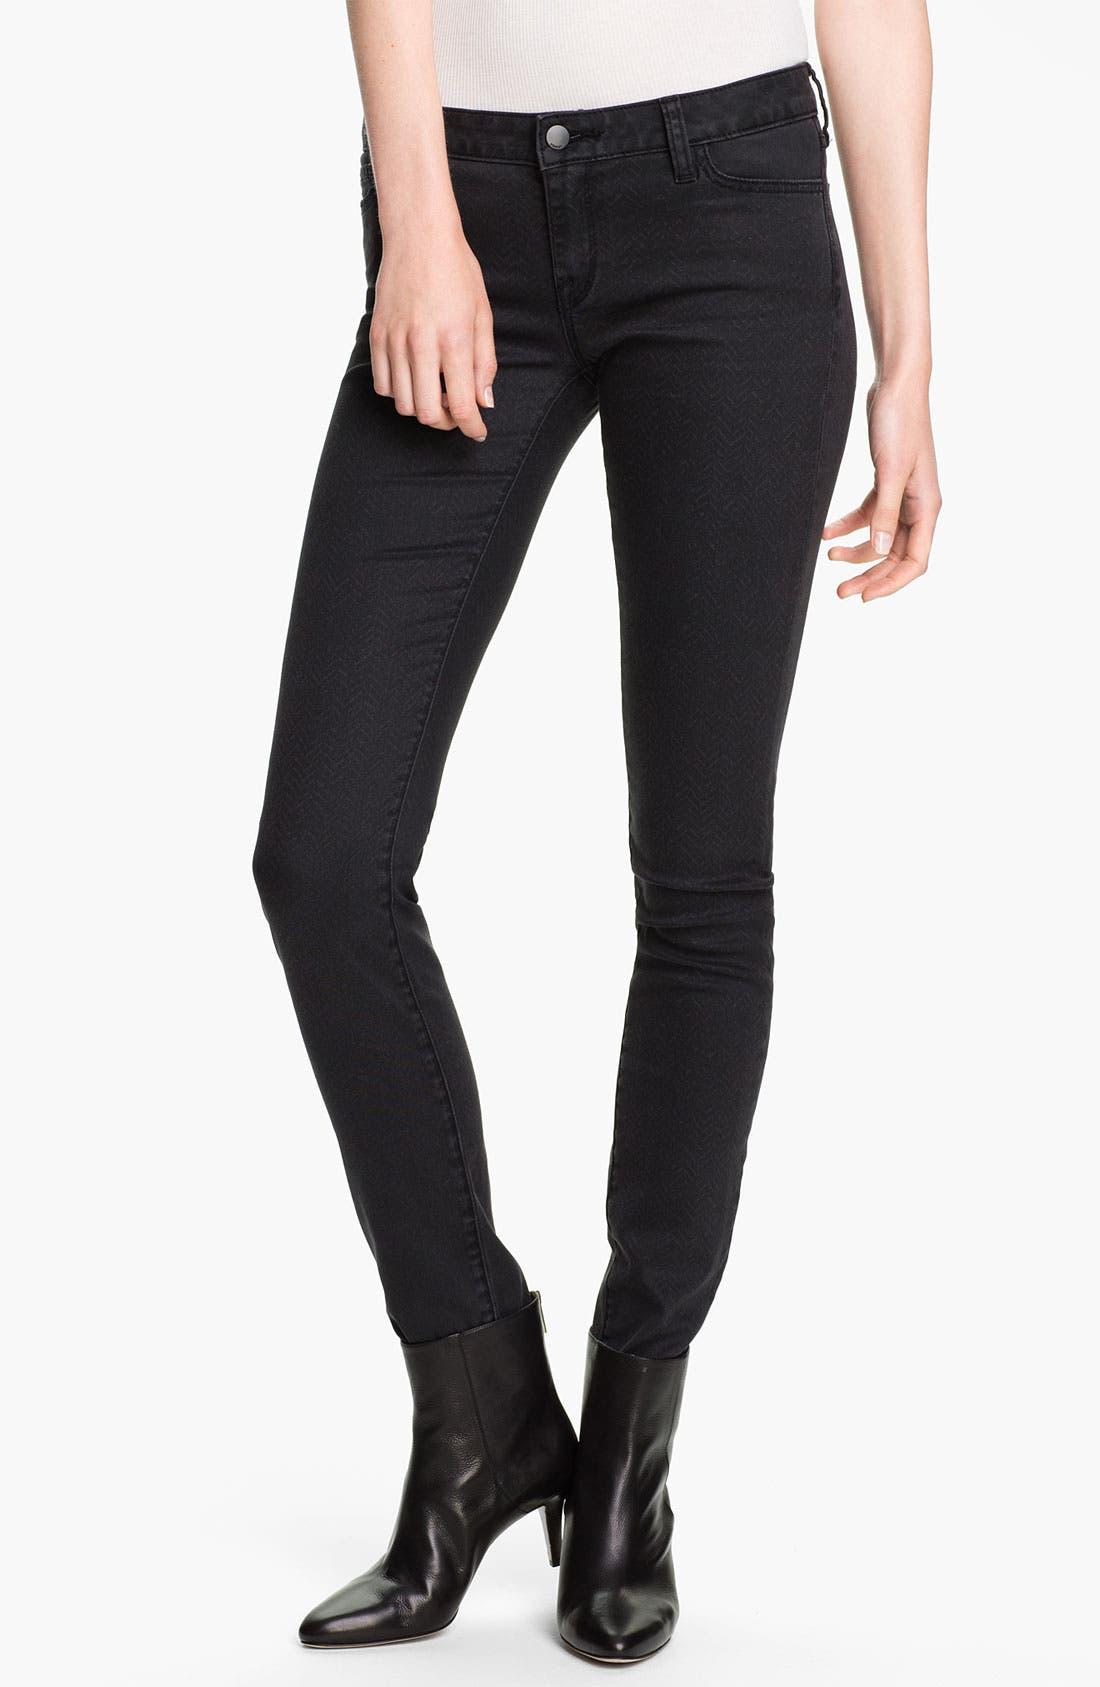 Main Image - Vince Print Stretch Skinny Jeans (Charcoal Herringbone)